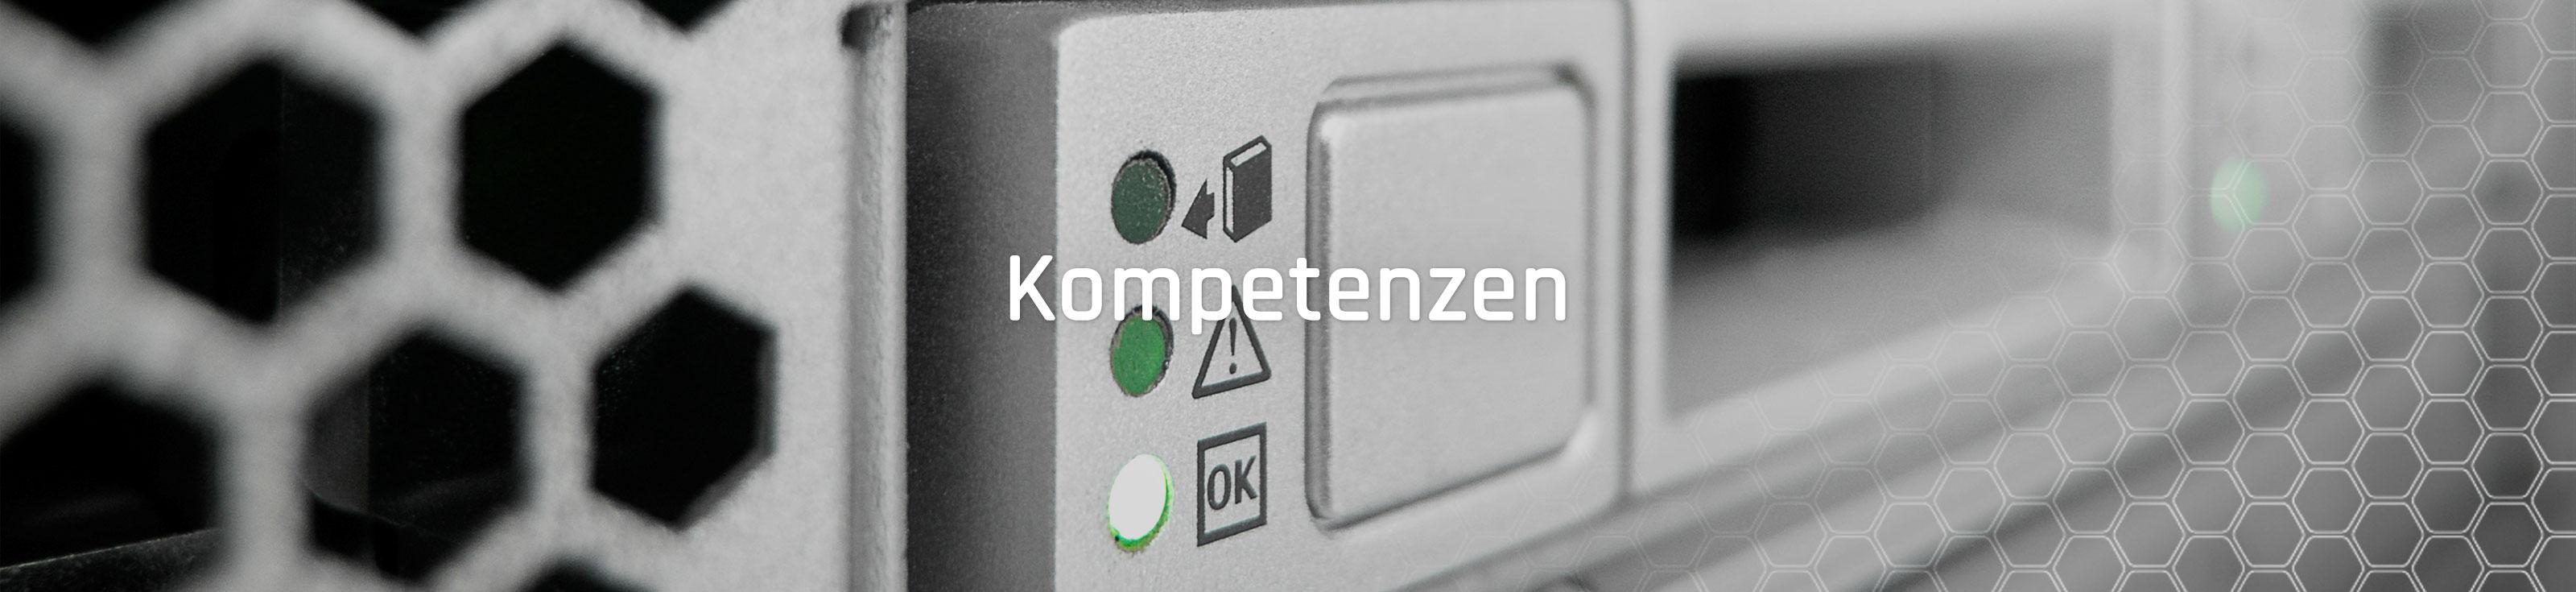 slider_kompetenzen2